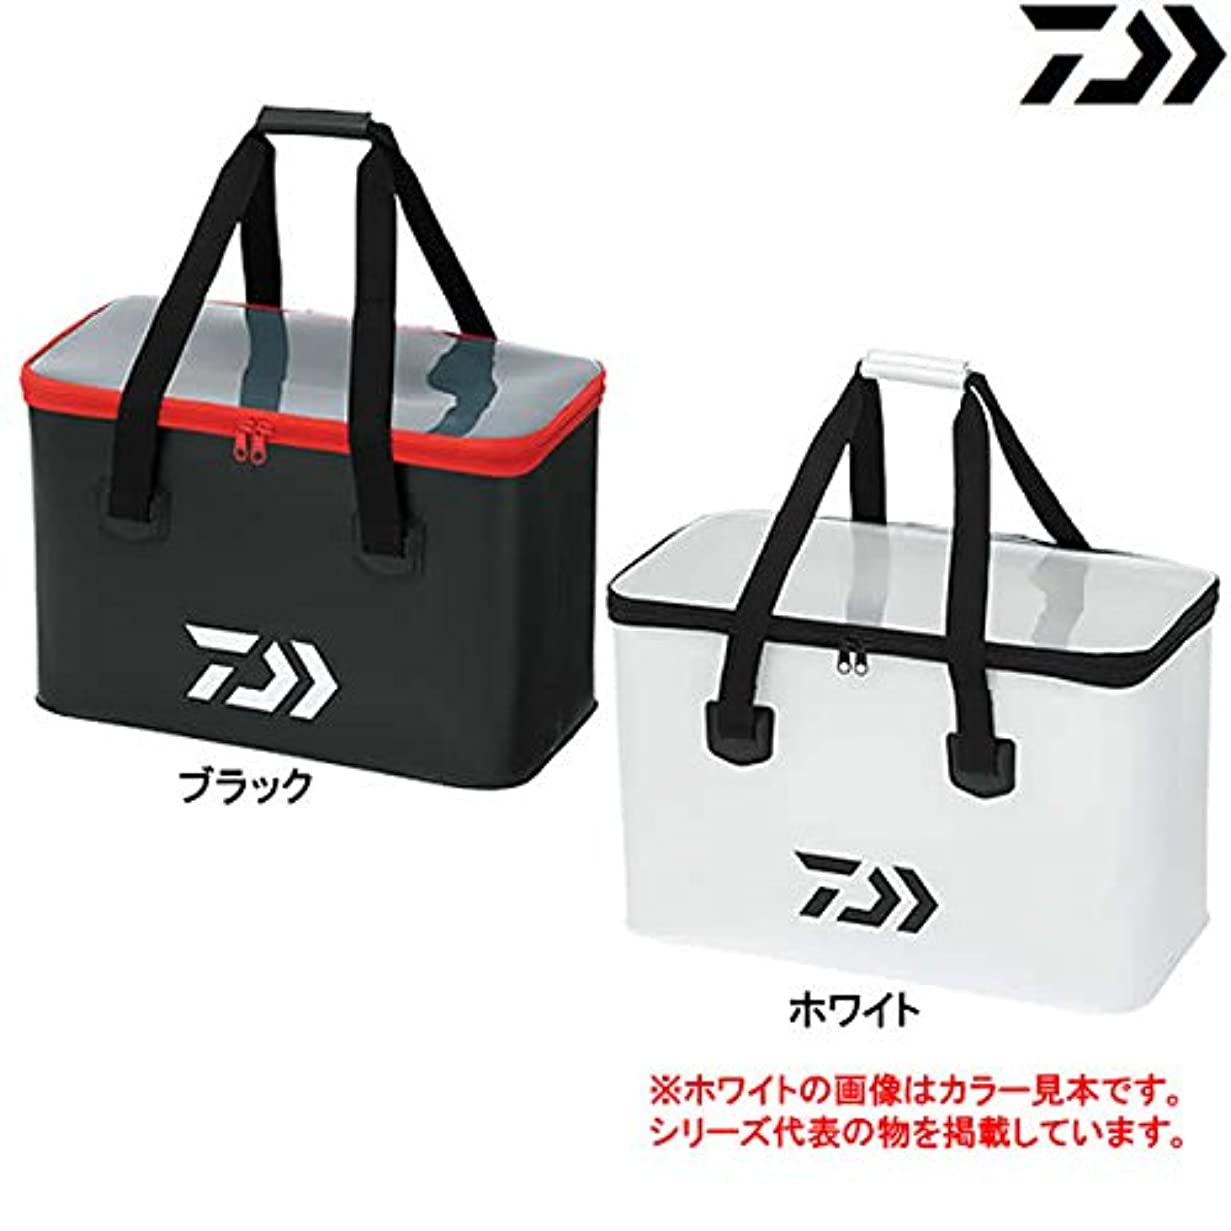 リングバック継続中肥料ダイワ タックルトート(J) 50 ブラック